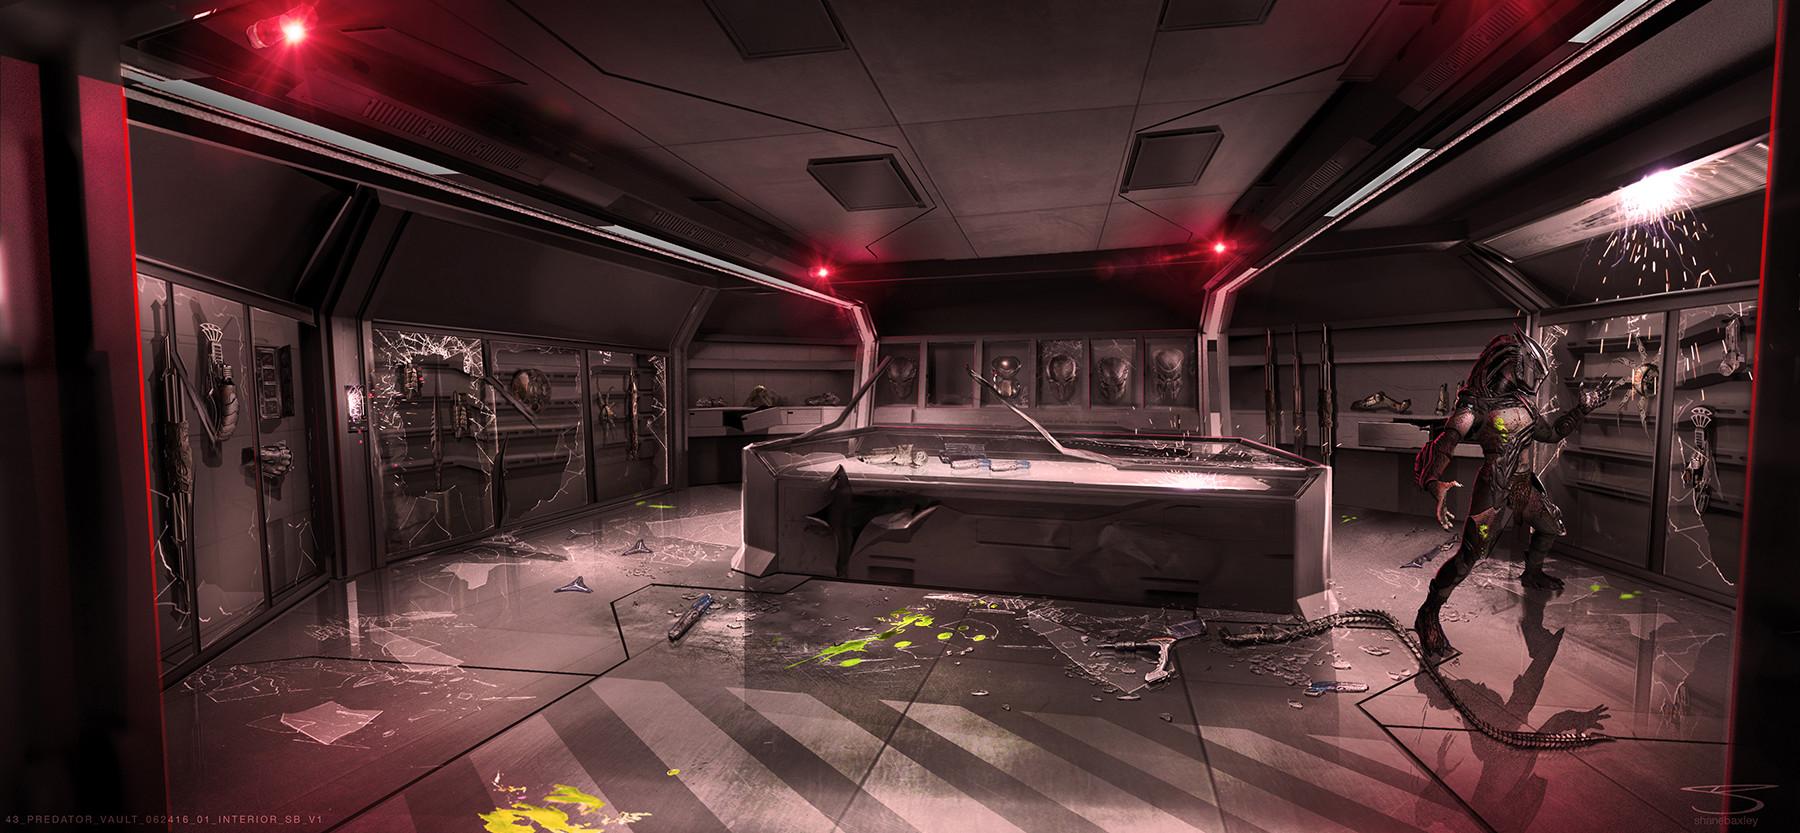 Shane baxley 43 vault 062416 01 interior sb v2 lo